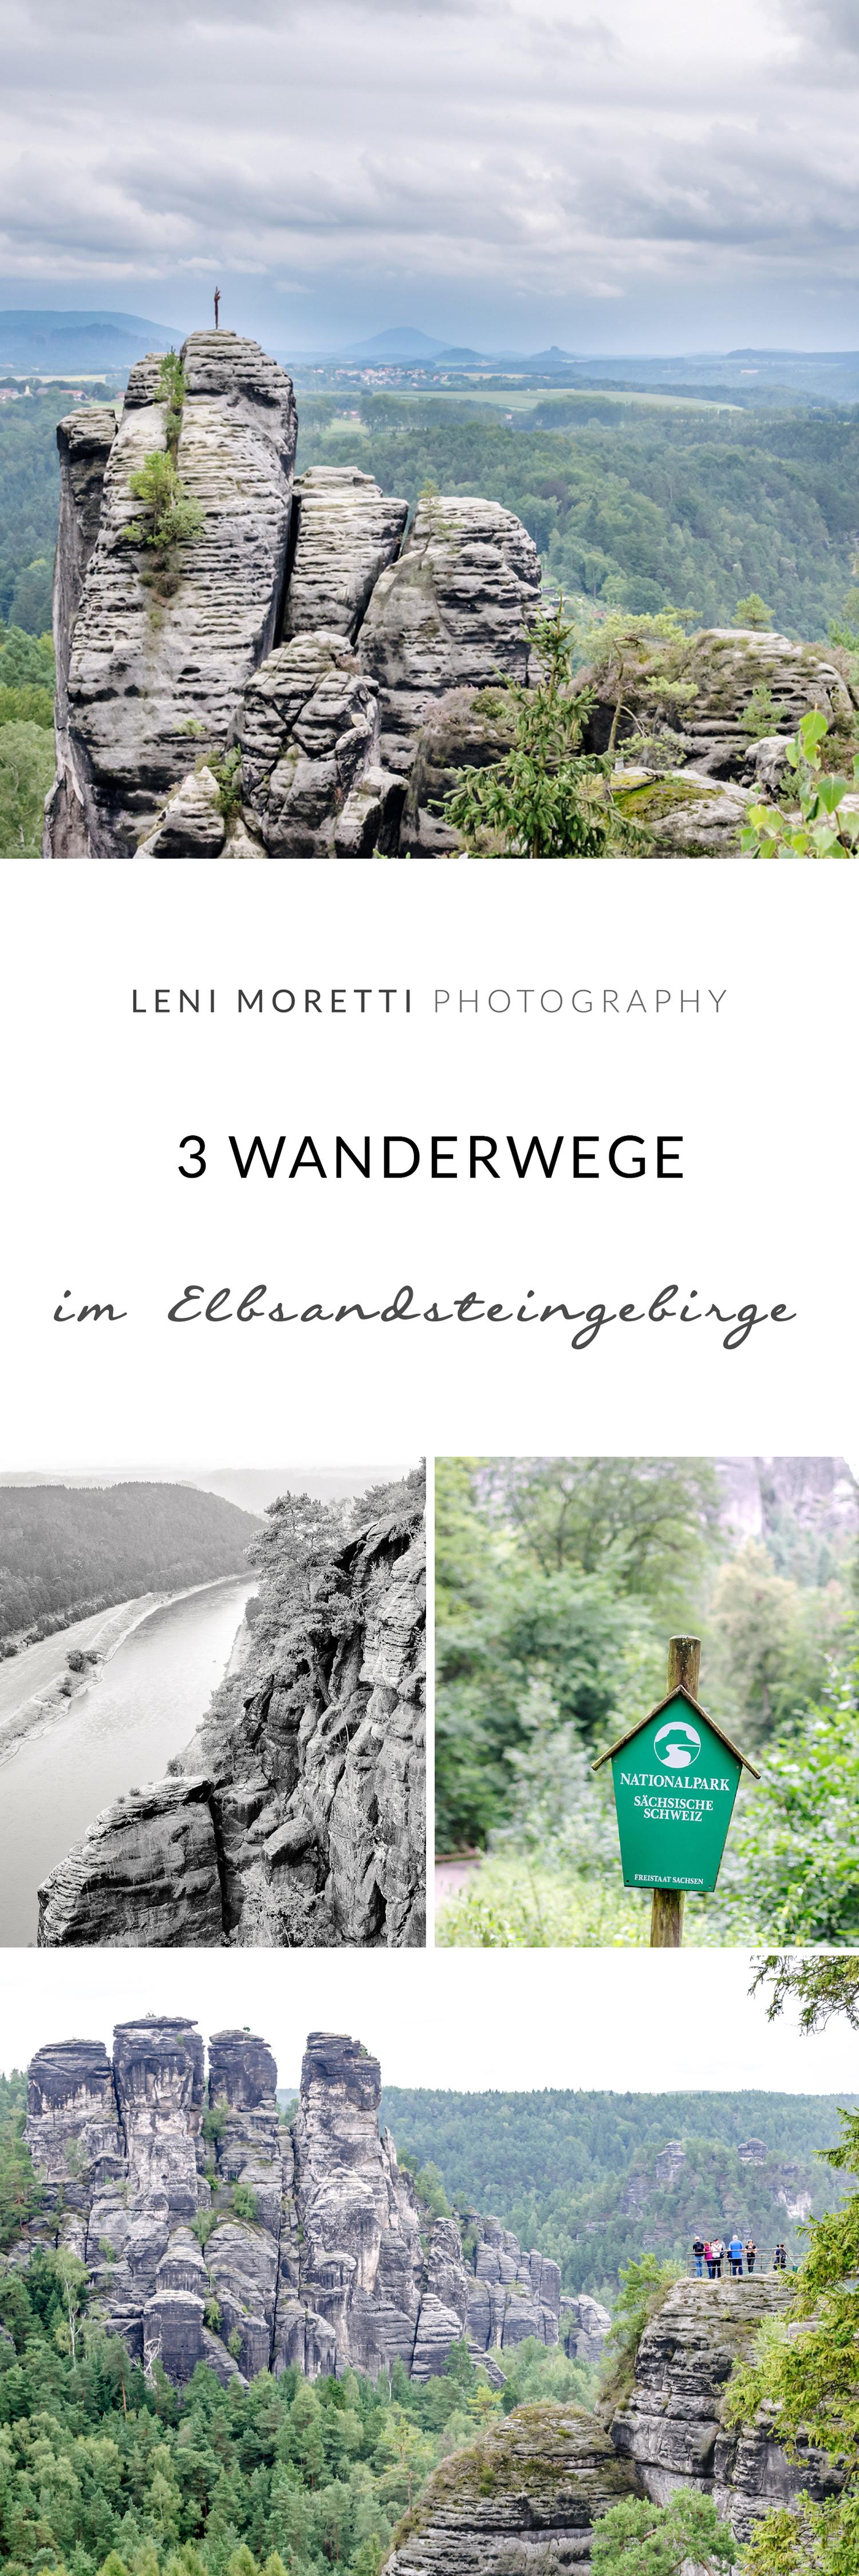 3 traumhafte Wanderwege im Elbsandsteingebirge. Merke Dir diesen Artikel auf Pinterest!